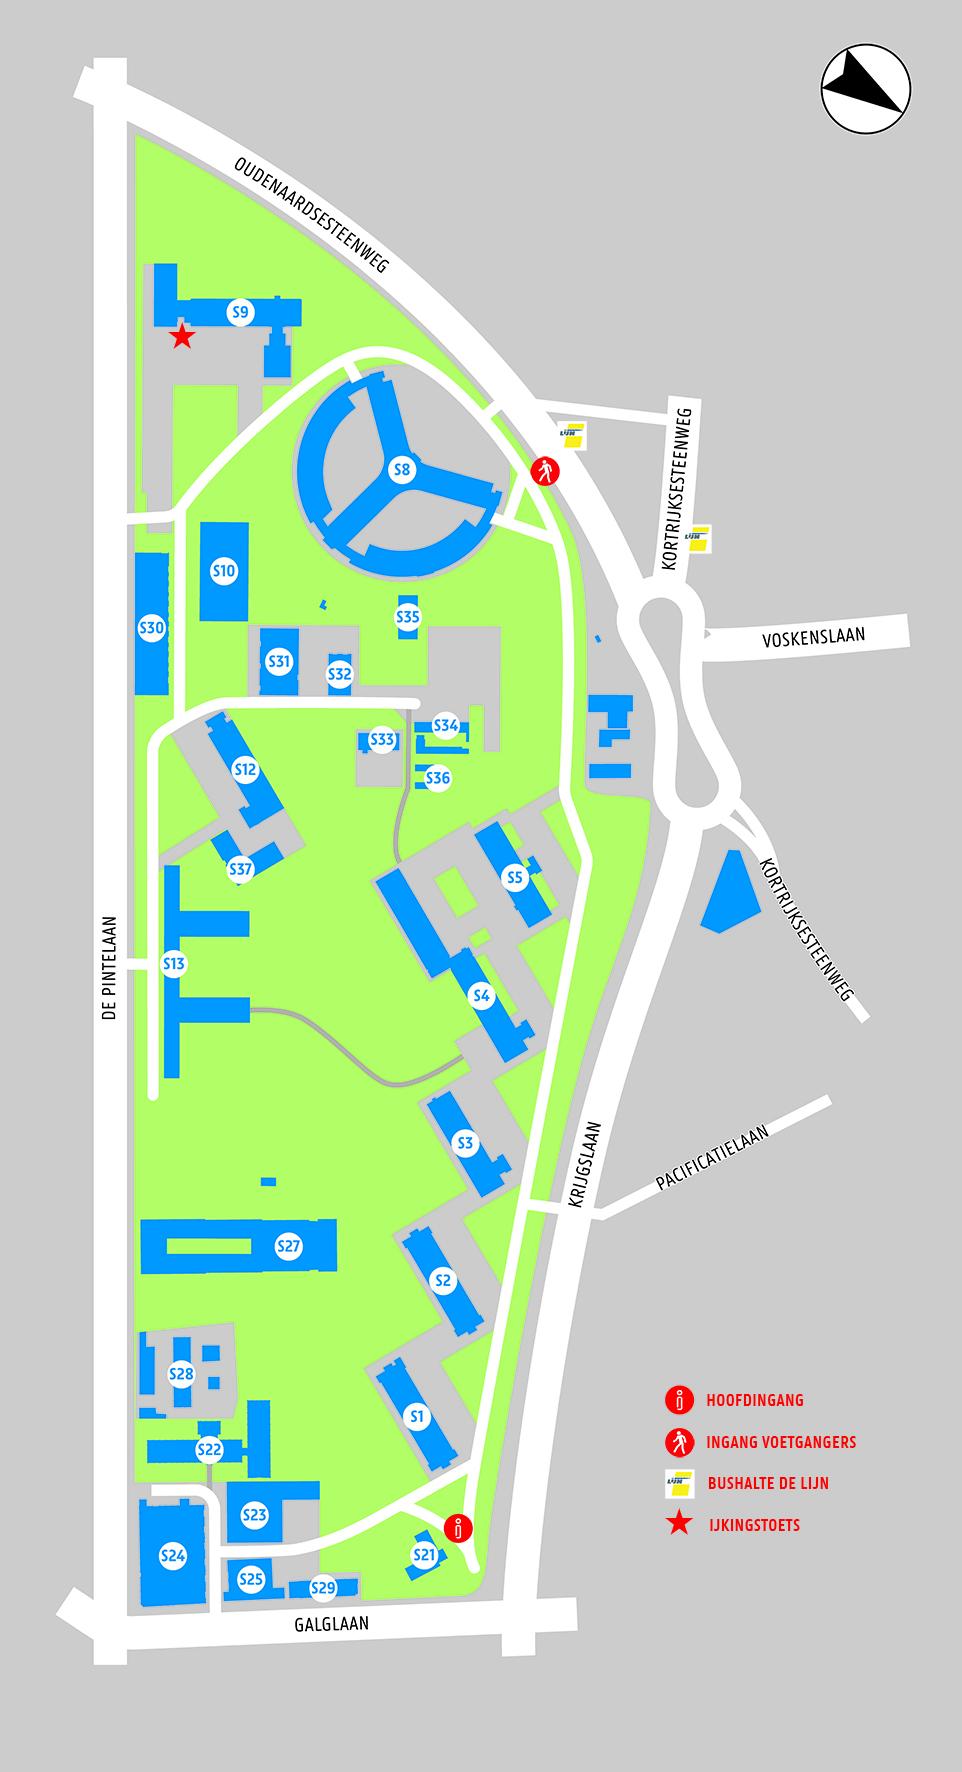 IJkingstoets - 2019 - Campus Sterre - gebouw S9